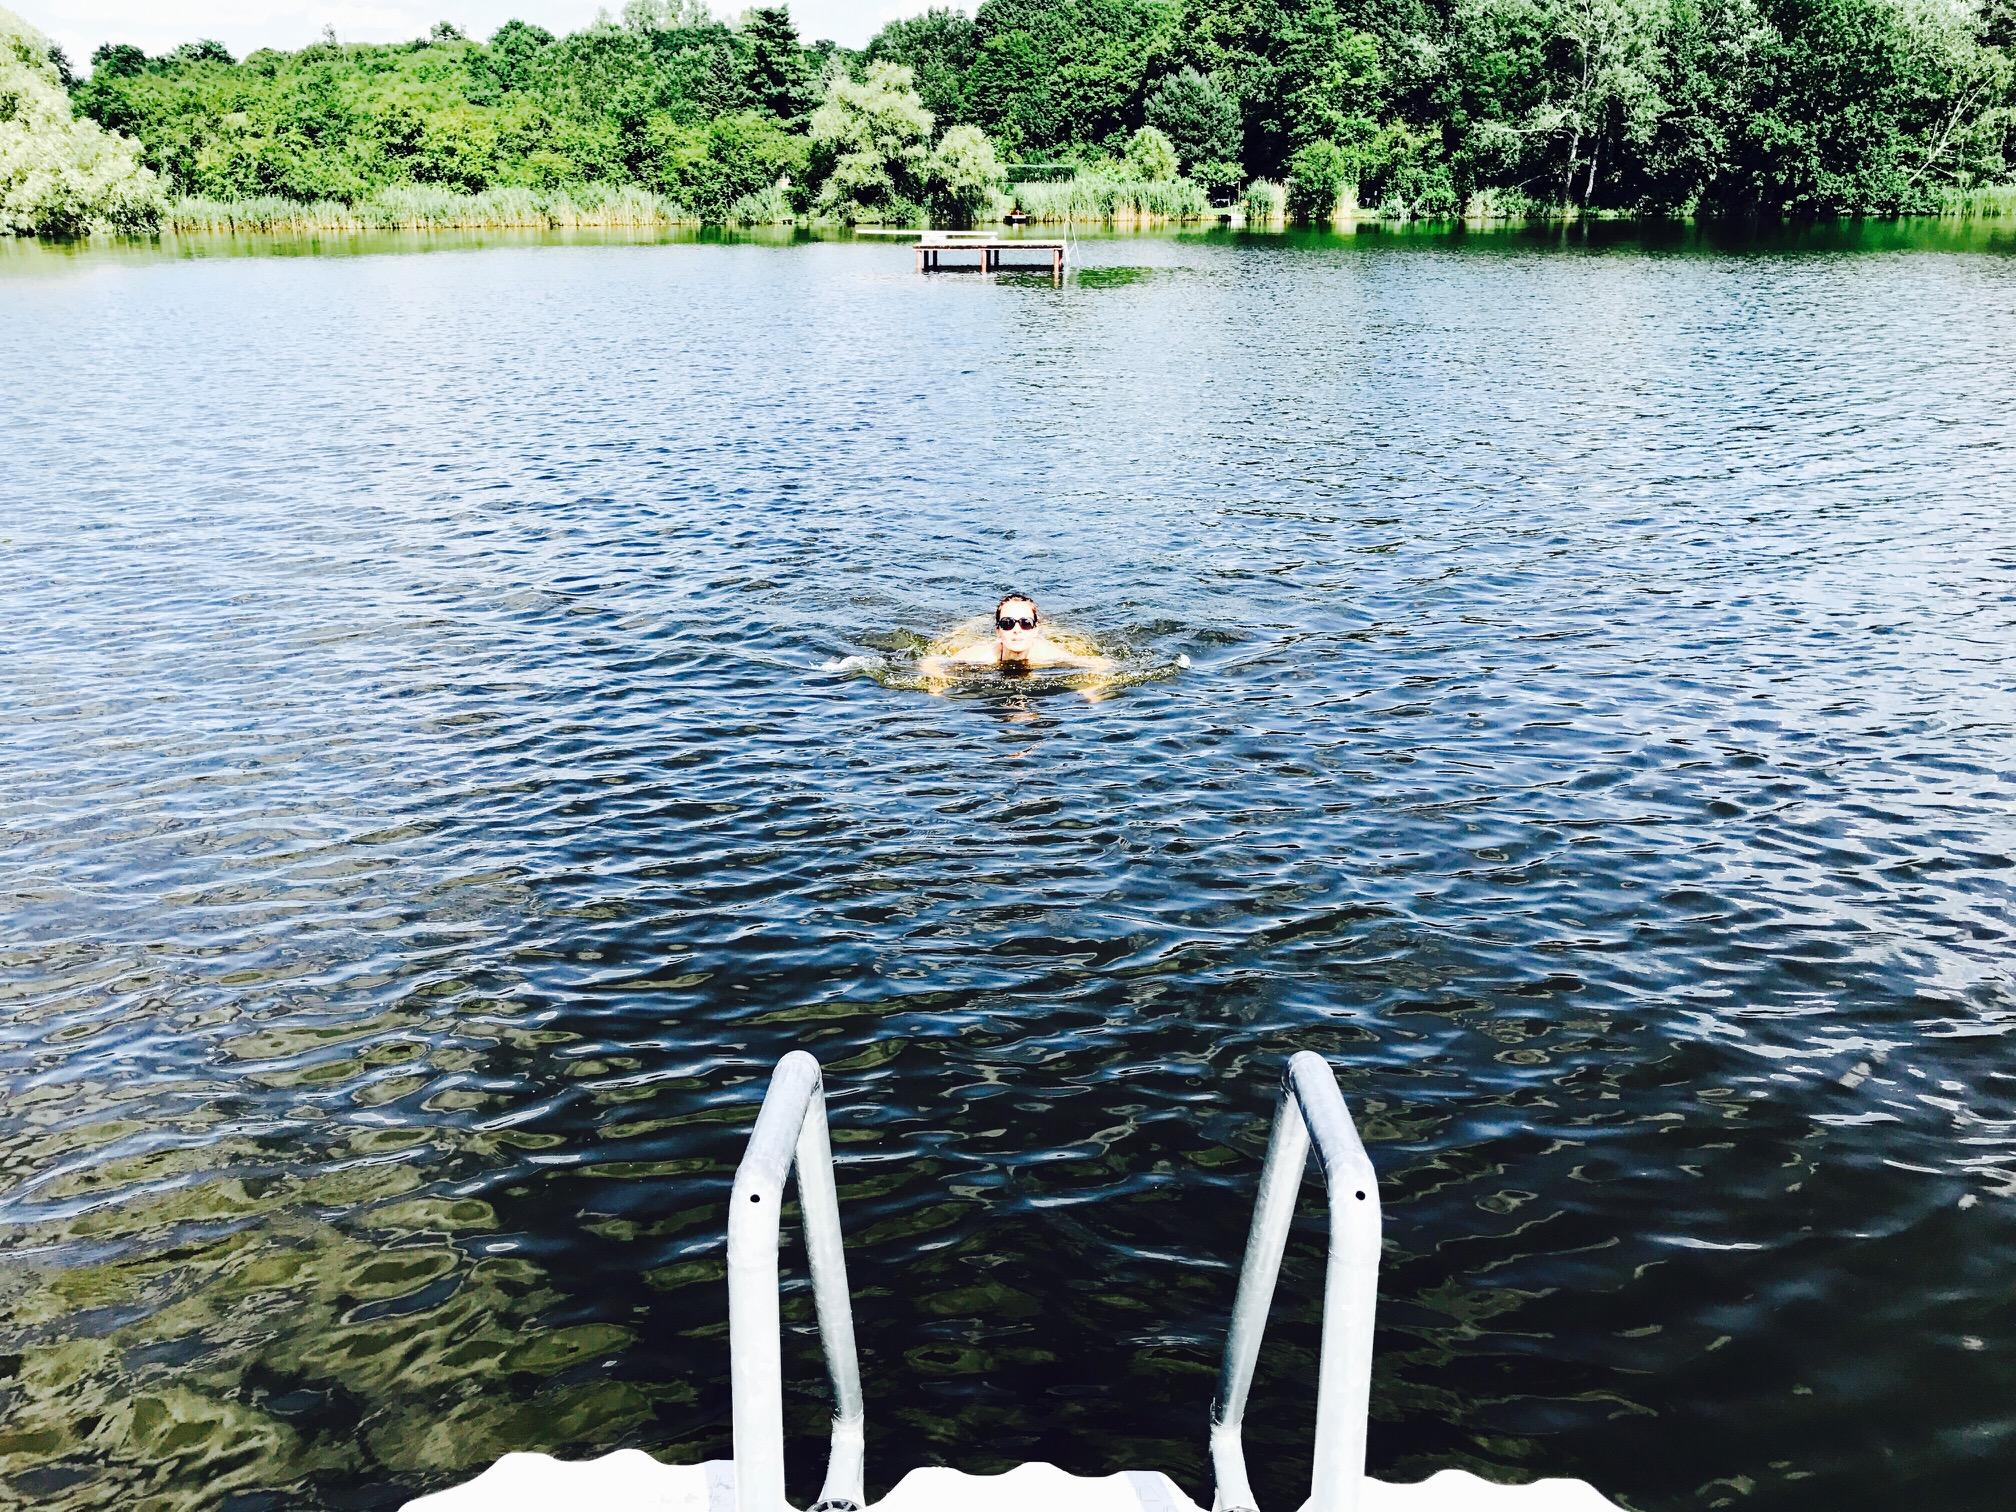 Schwimmen im Krummer See, Strandbad Sperenberg, Brandenburg